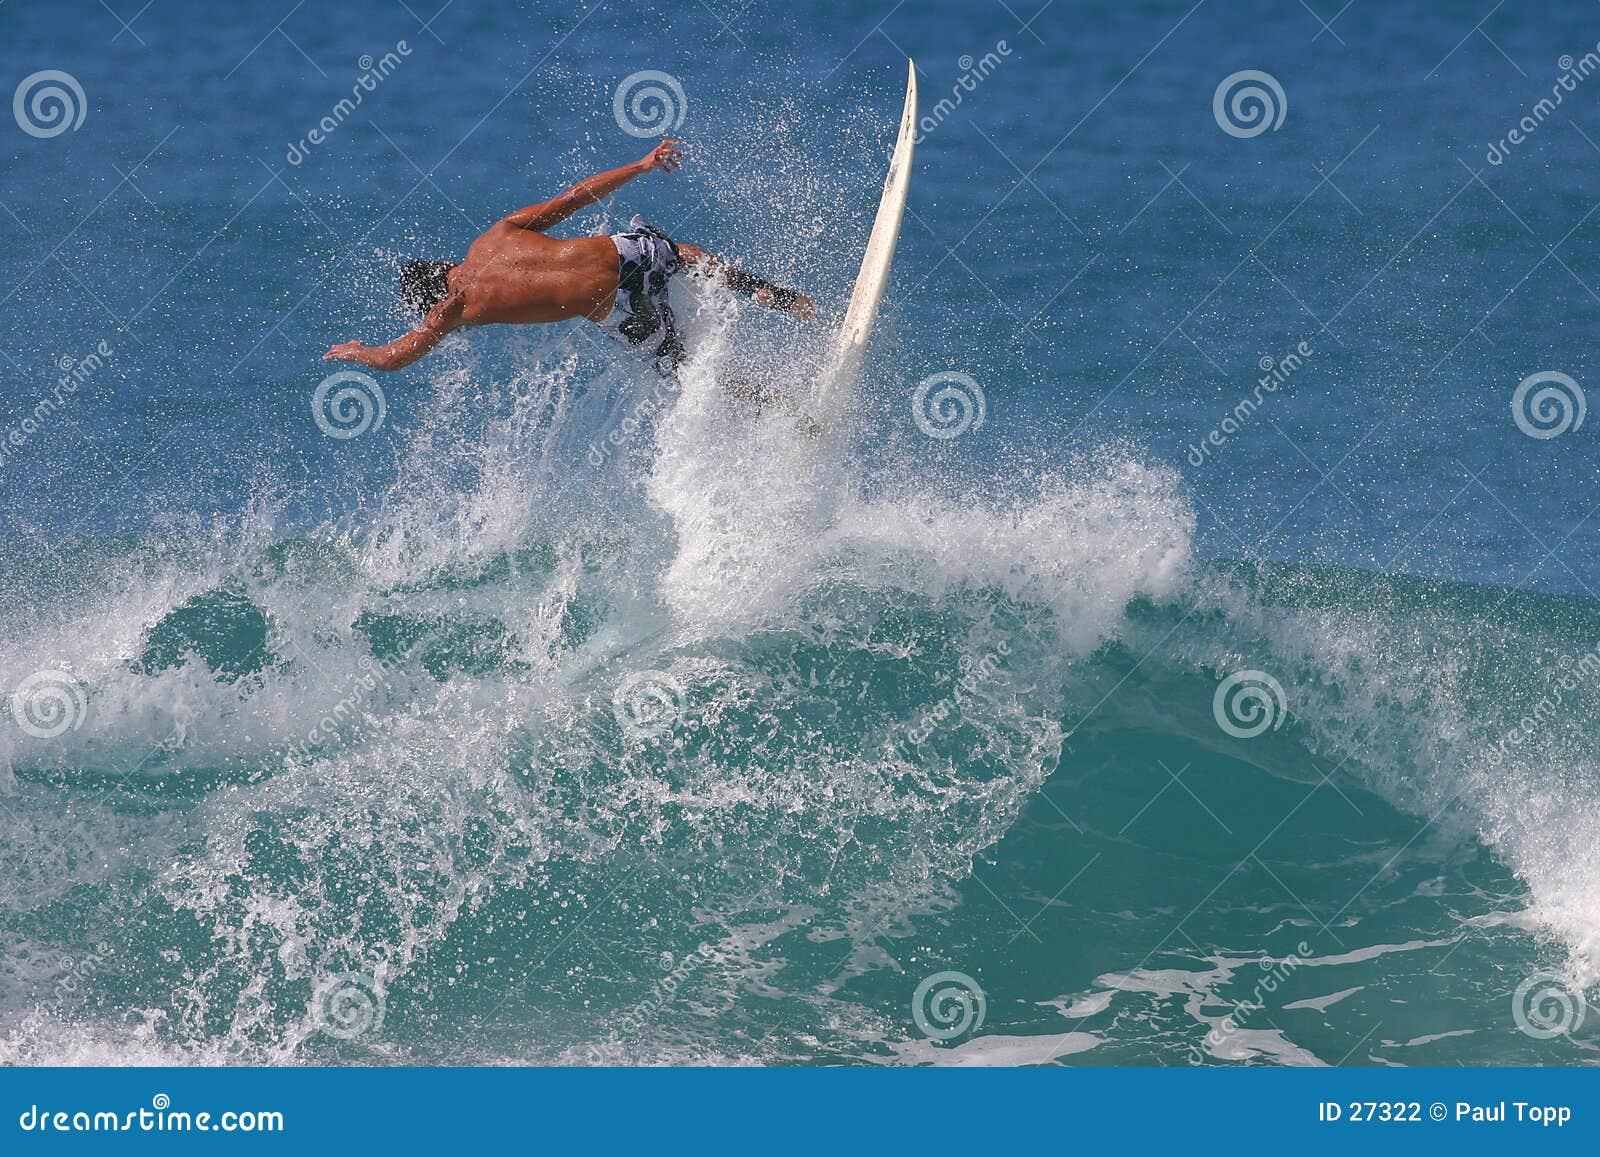 捉住夏威夷冲浪者冲浪的航空